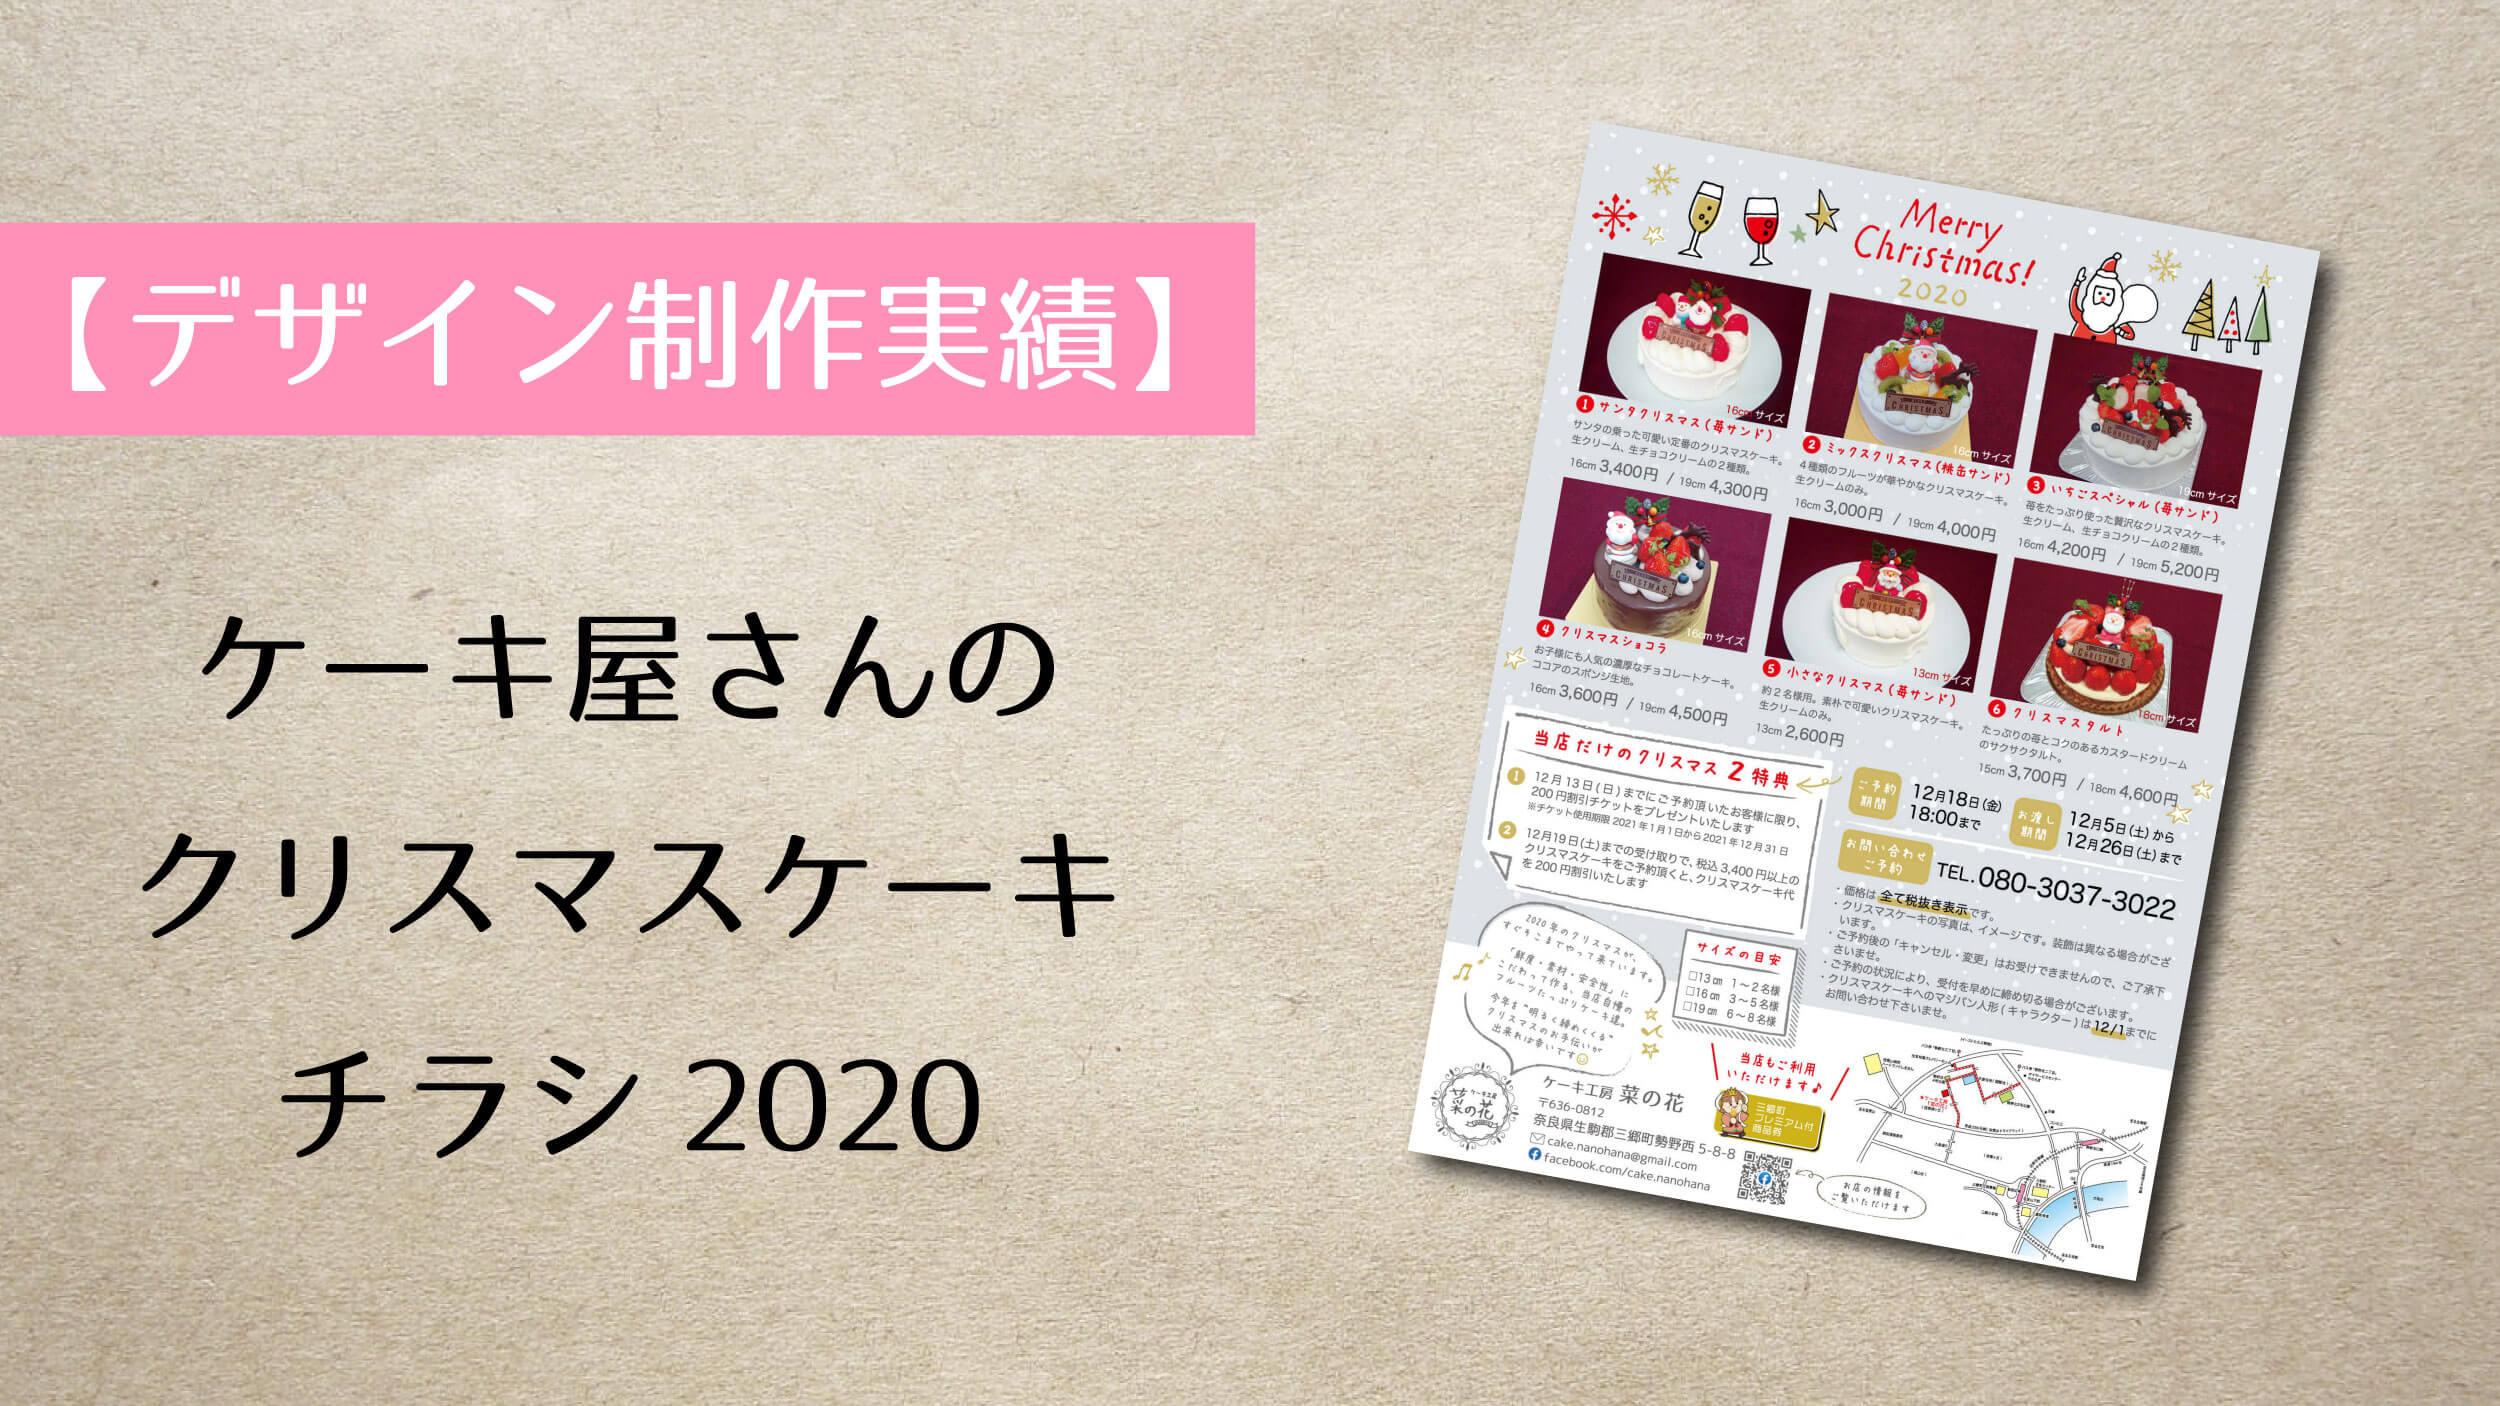 クリスマスケーキチラシ2020のアイキャッチ画像